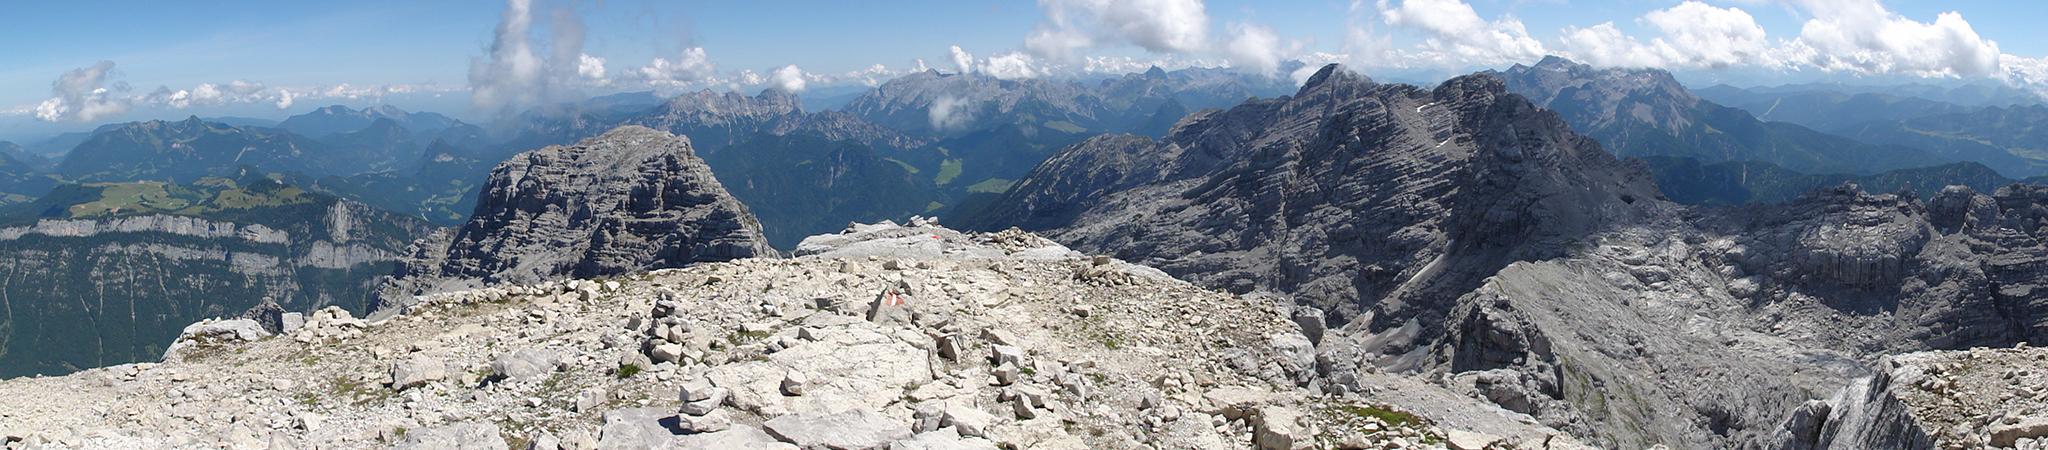 Arnoweg: Ausblick vom Großen Hinterhorn (2506 m) über die Reiter Alpe, Steinernes Meer, Ochsenhorn, Gr. Reifhorn und Leoganger Steinberge